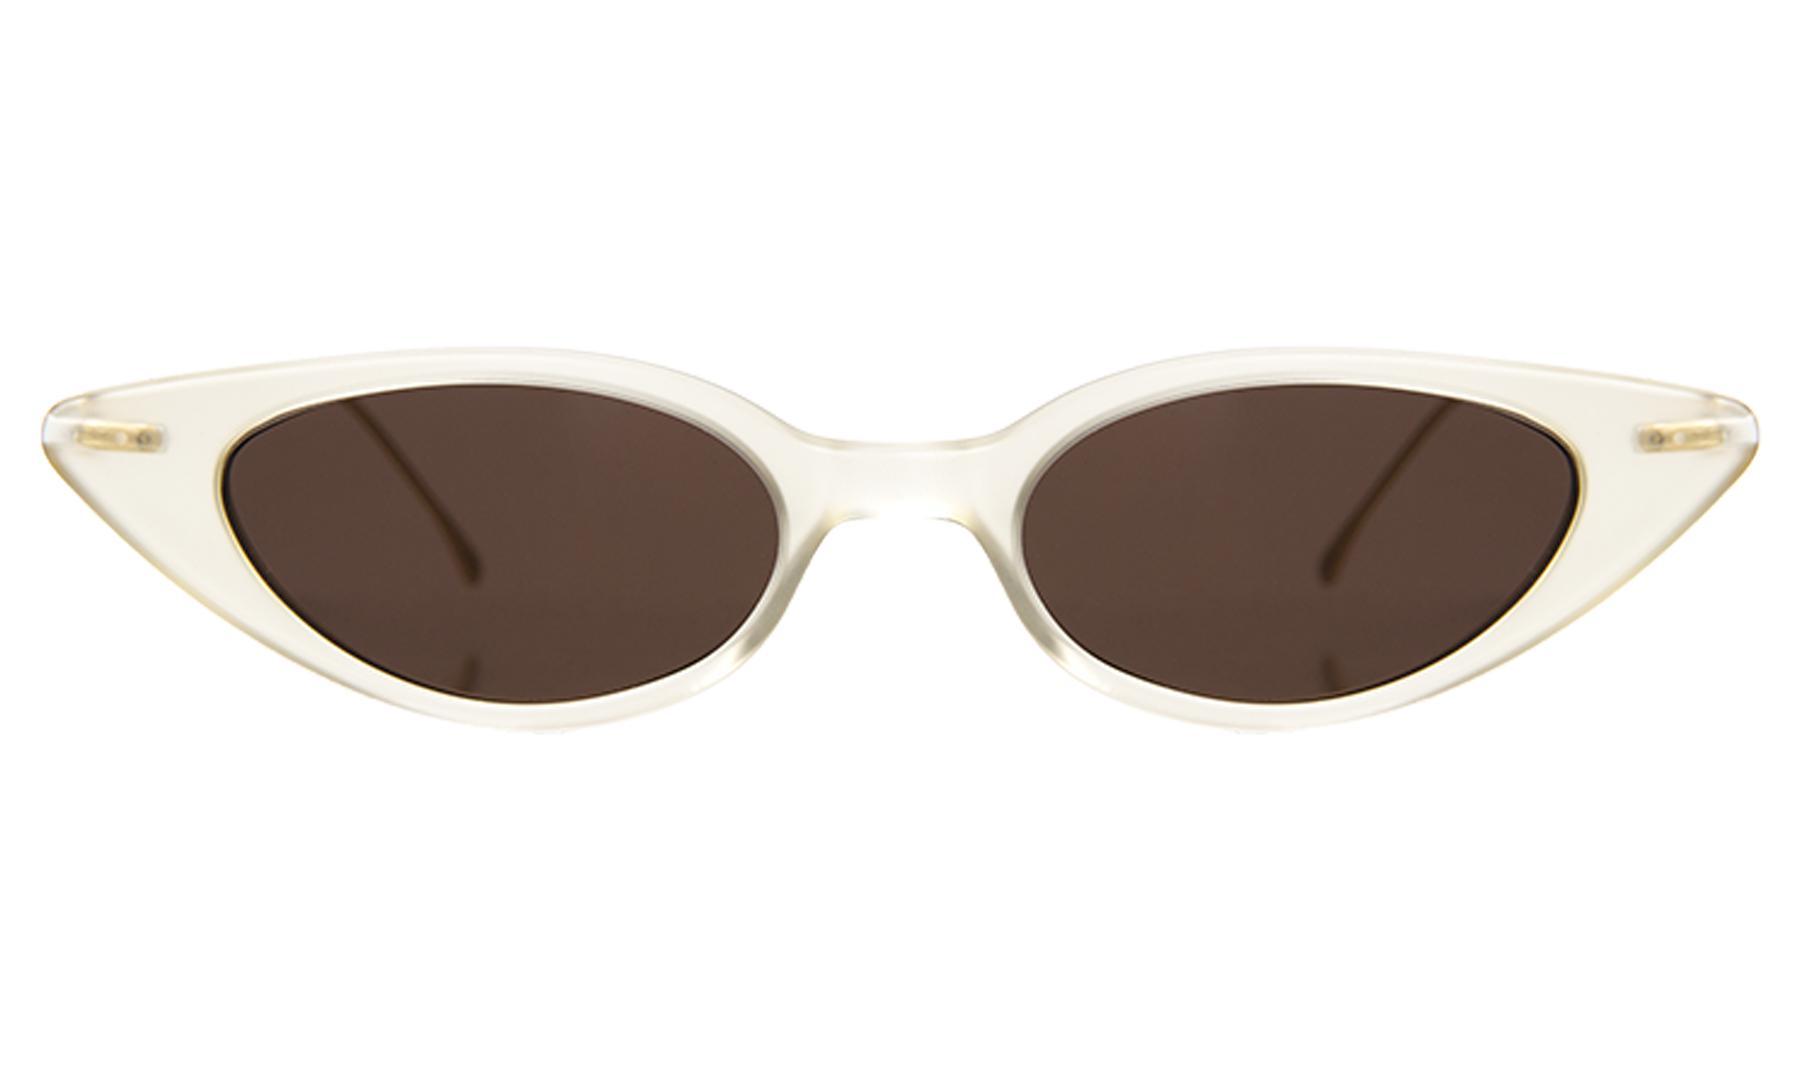 9e2894c306 Illesteva. Women s Marianne Sunglasses